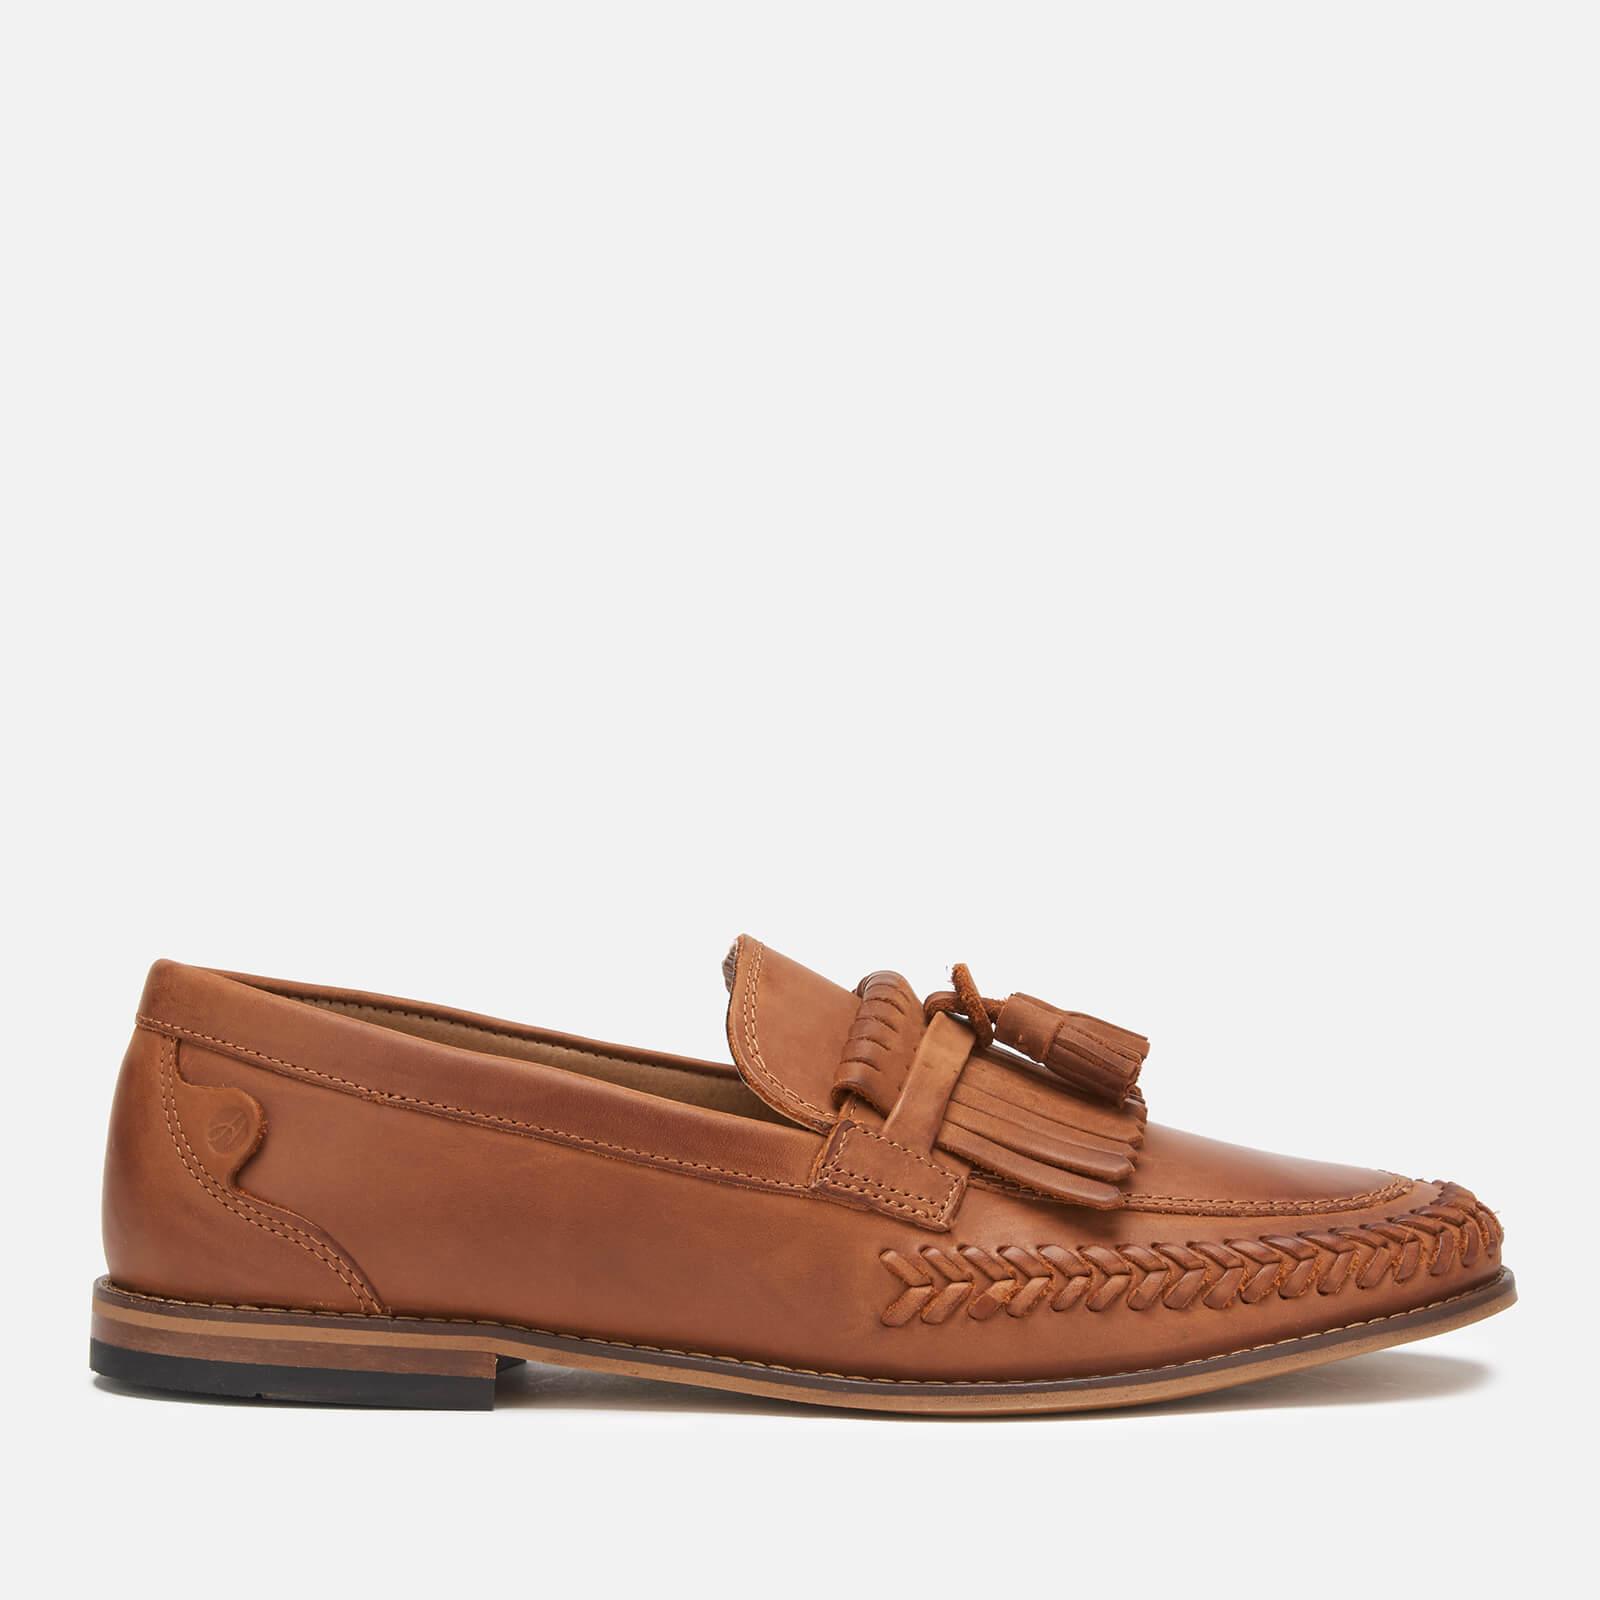 Hudson London Men's Alloa Kiltie Tassel Loafers - Cognac - UK 11